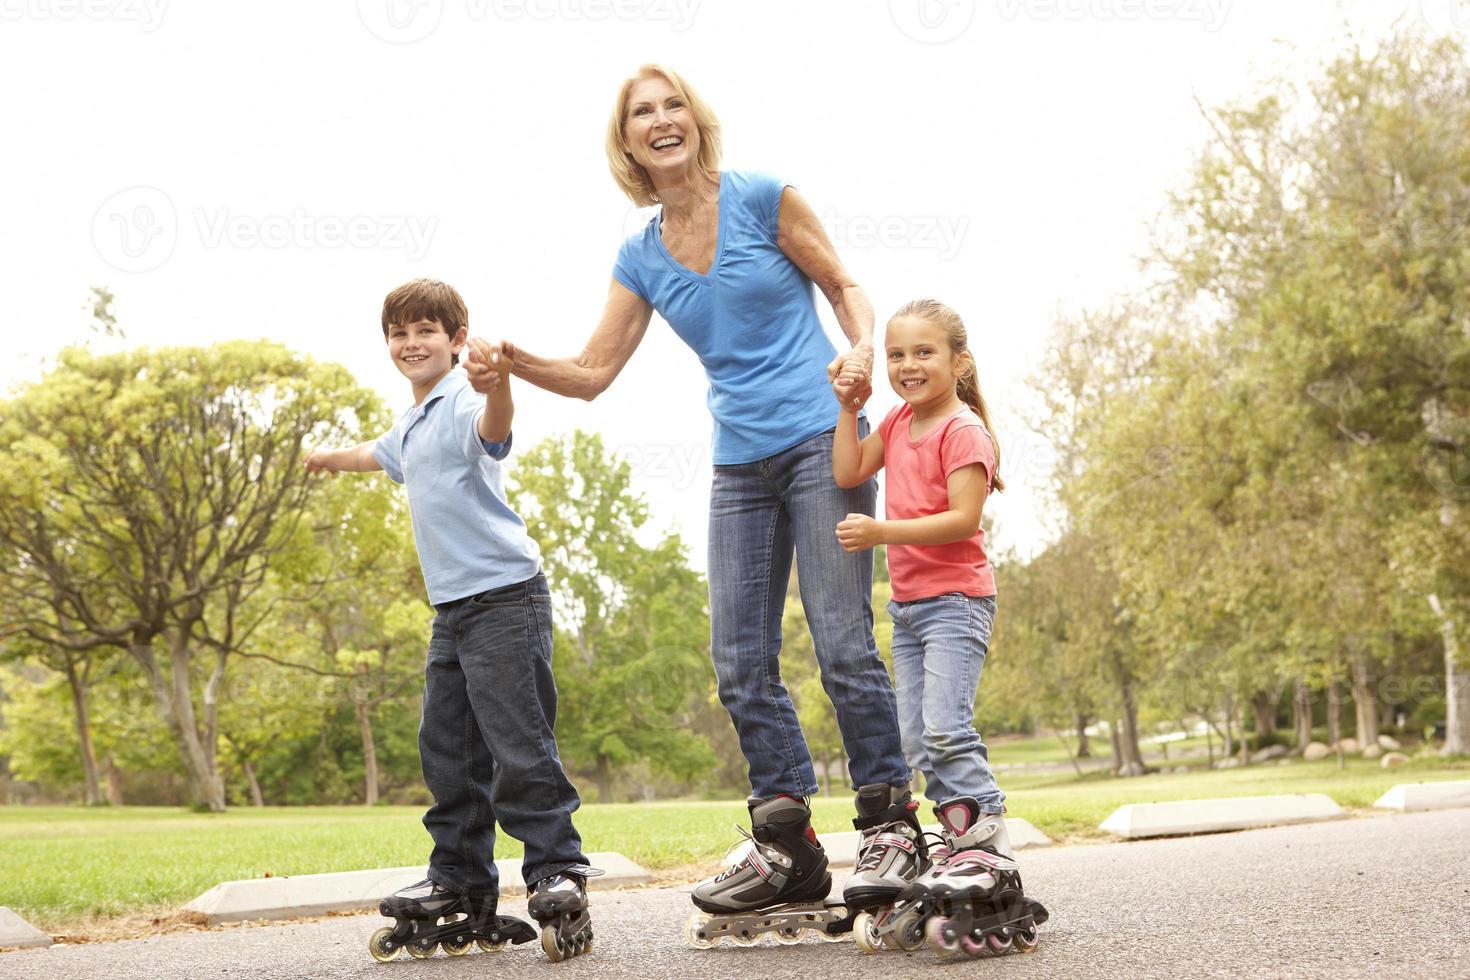 Großmutter und Enkelkinder laufen im Park Schlittschuh foto